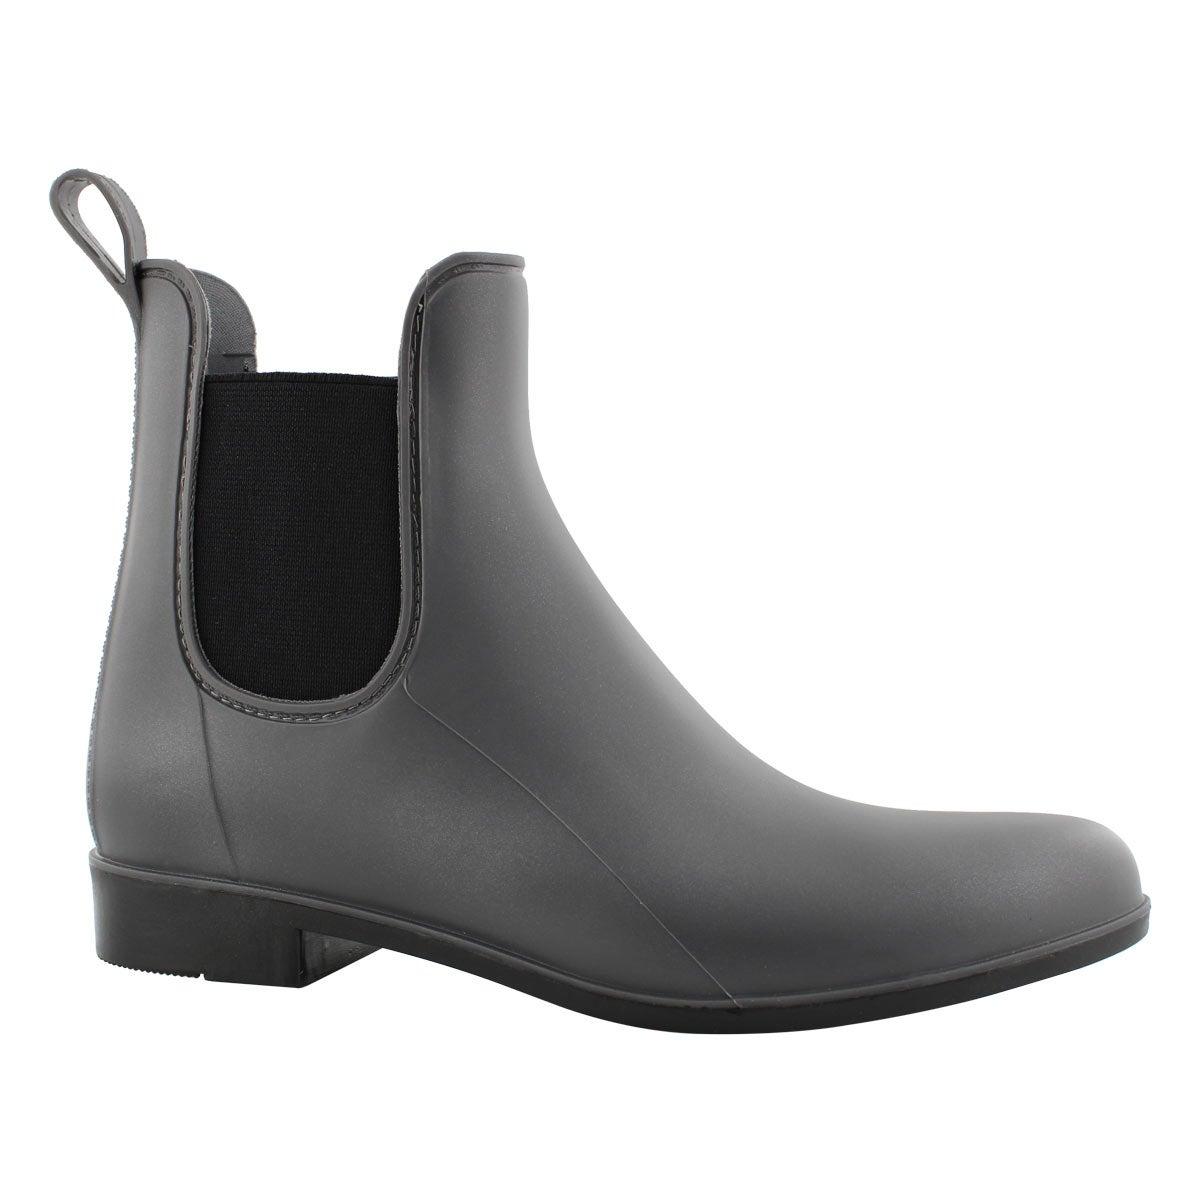 Lds Celeste pewter wtpf chelsea boot